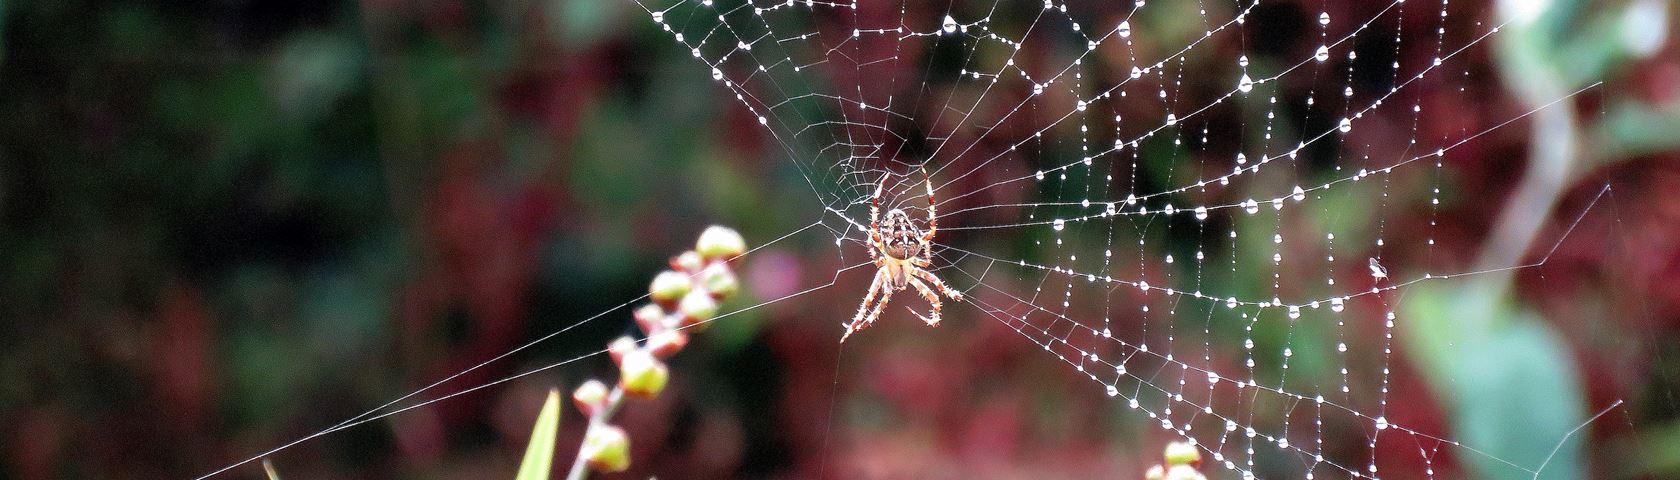 Spinnen Creatie